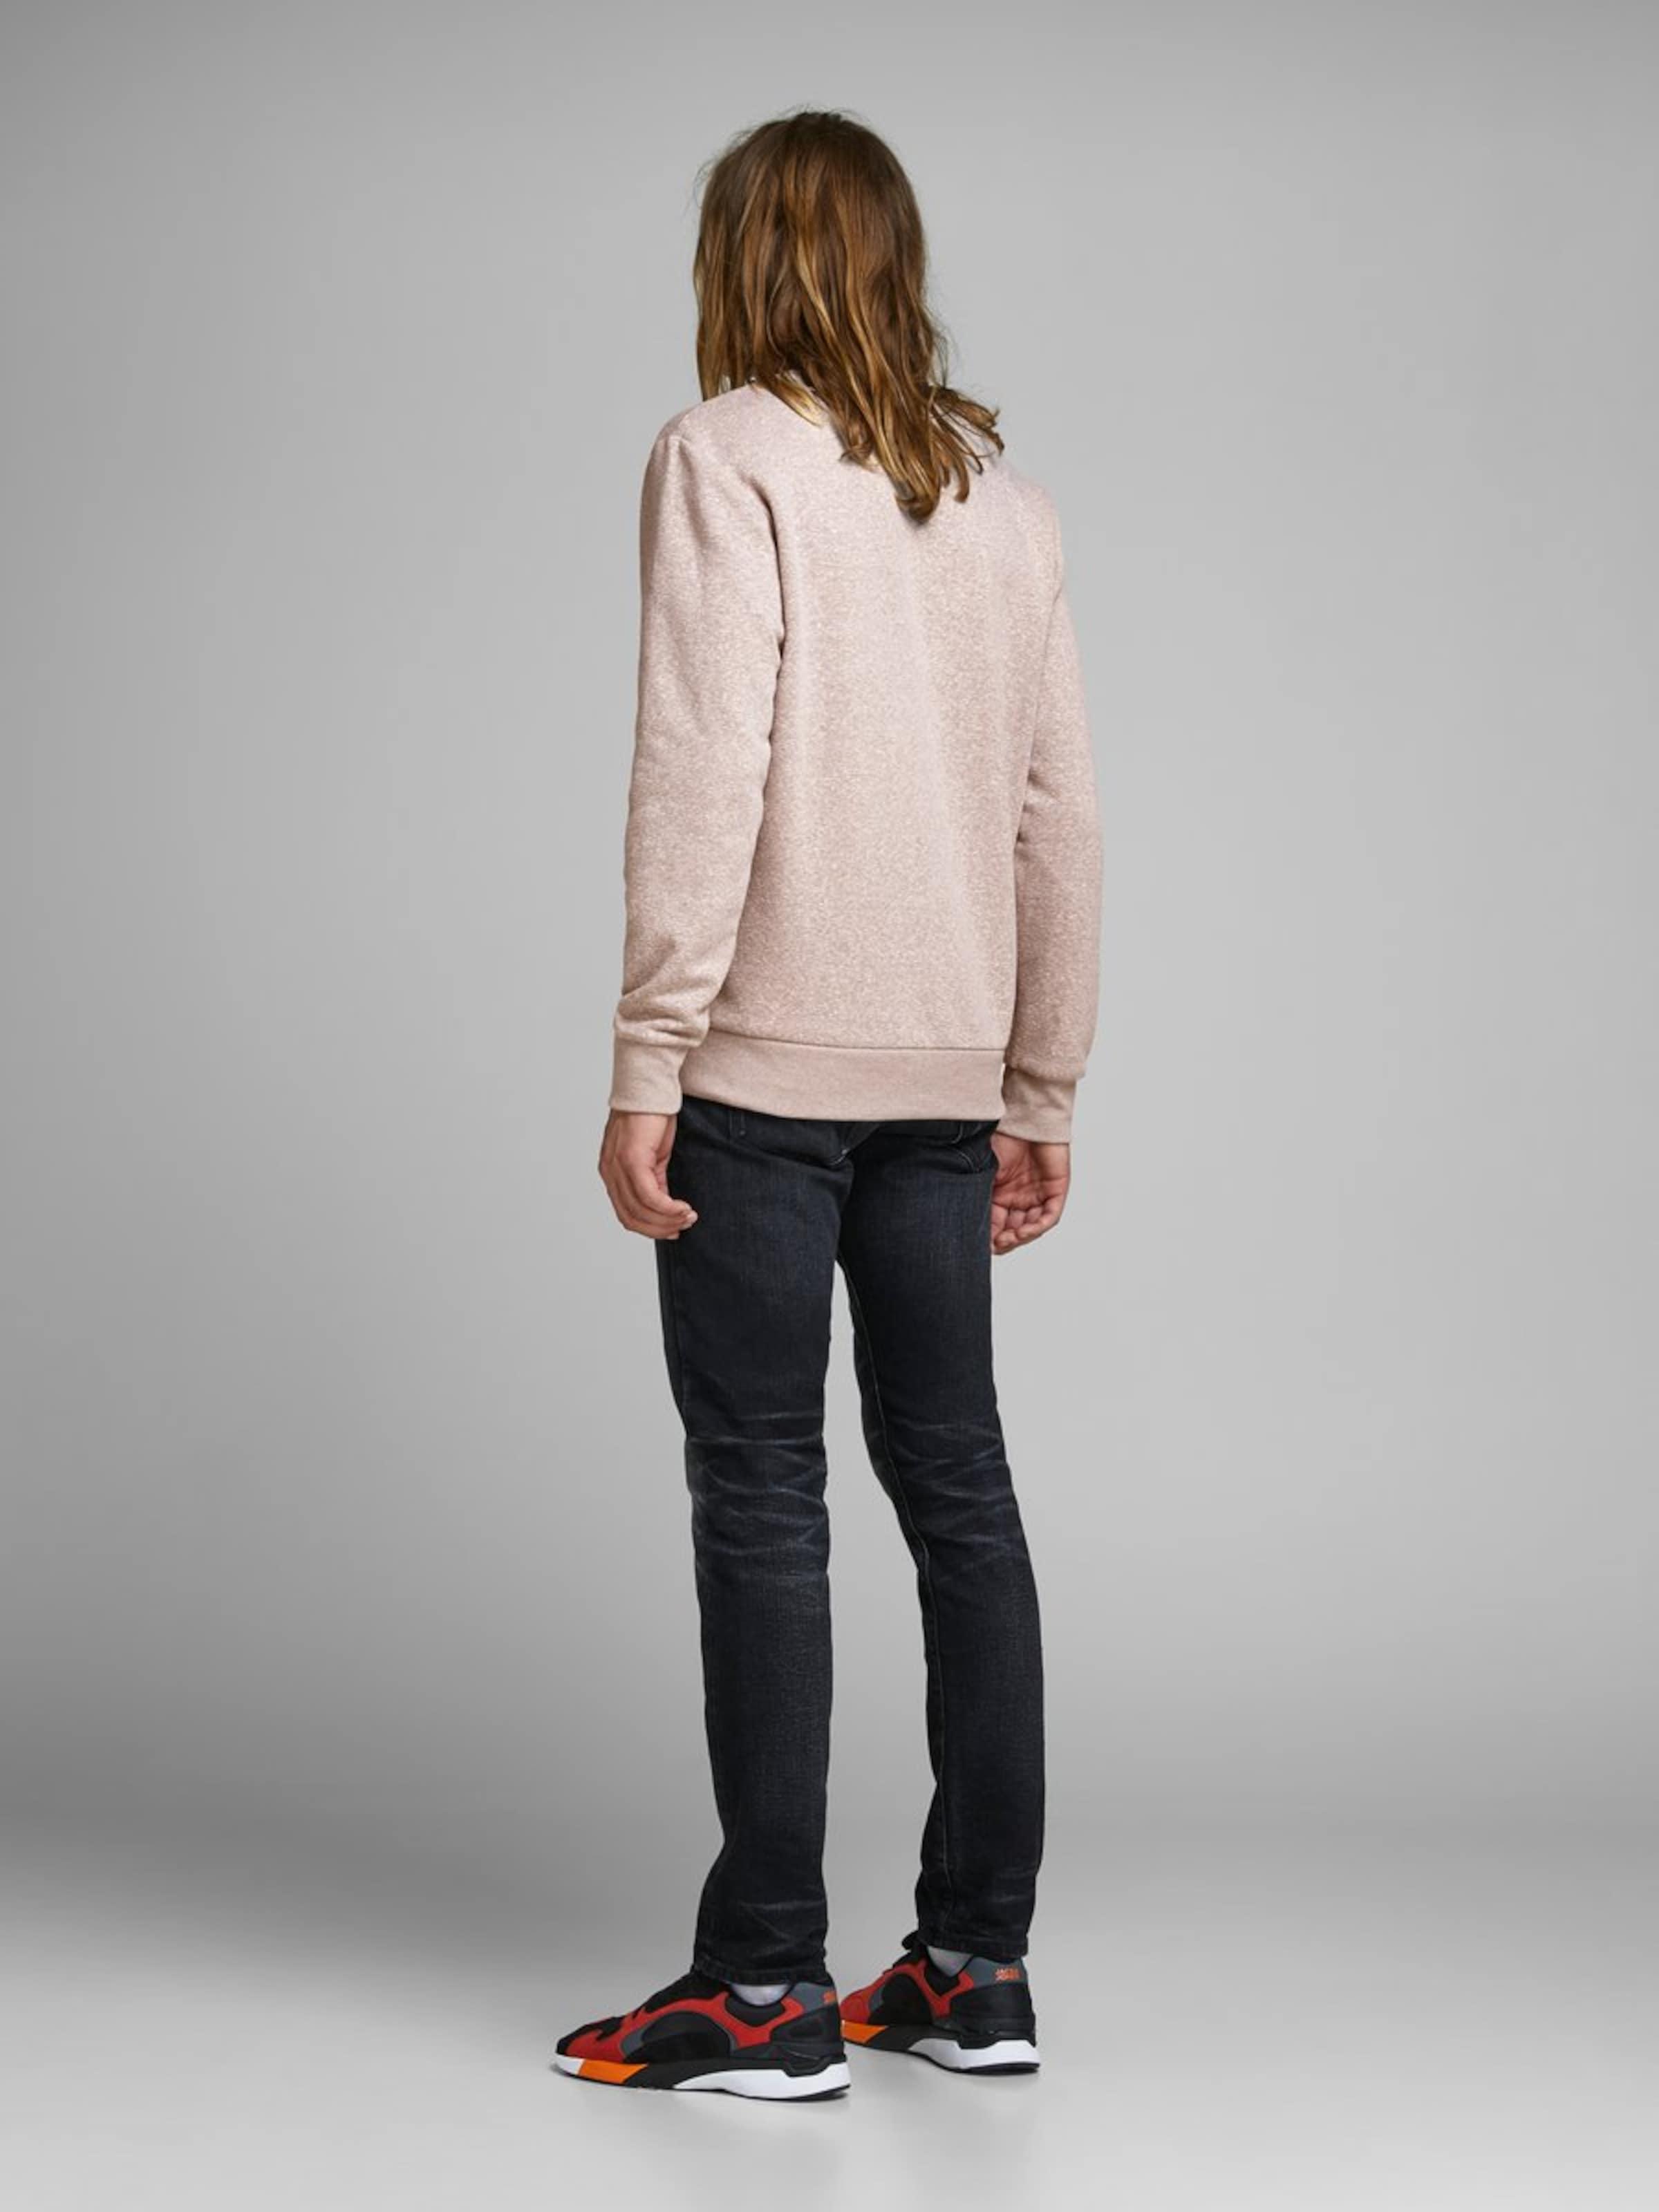 Sweatshirt In Jackamp; In Sweatshirt BeigeGrau Jones Jackamp; BeigeGrau Jones Jones Jackamp; uiPXOkZT